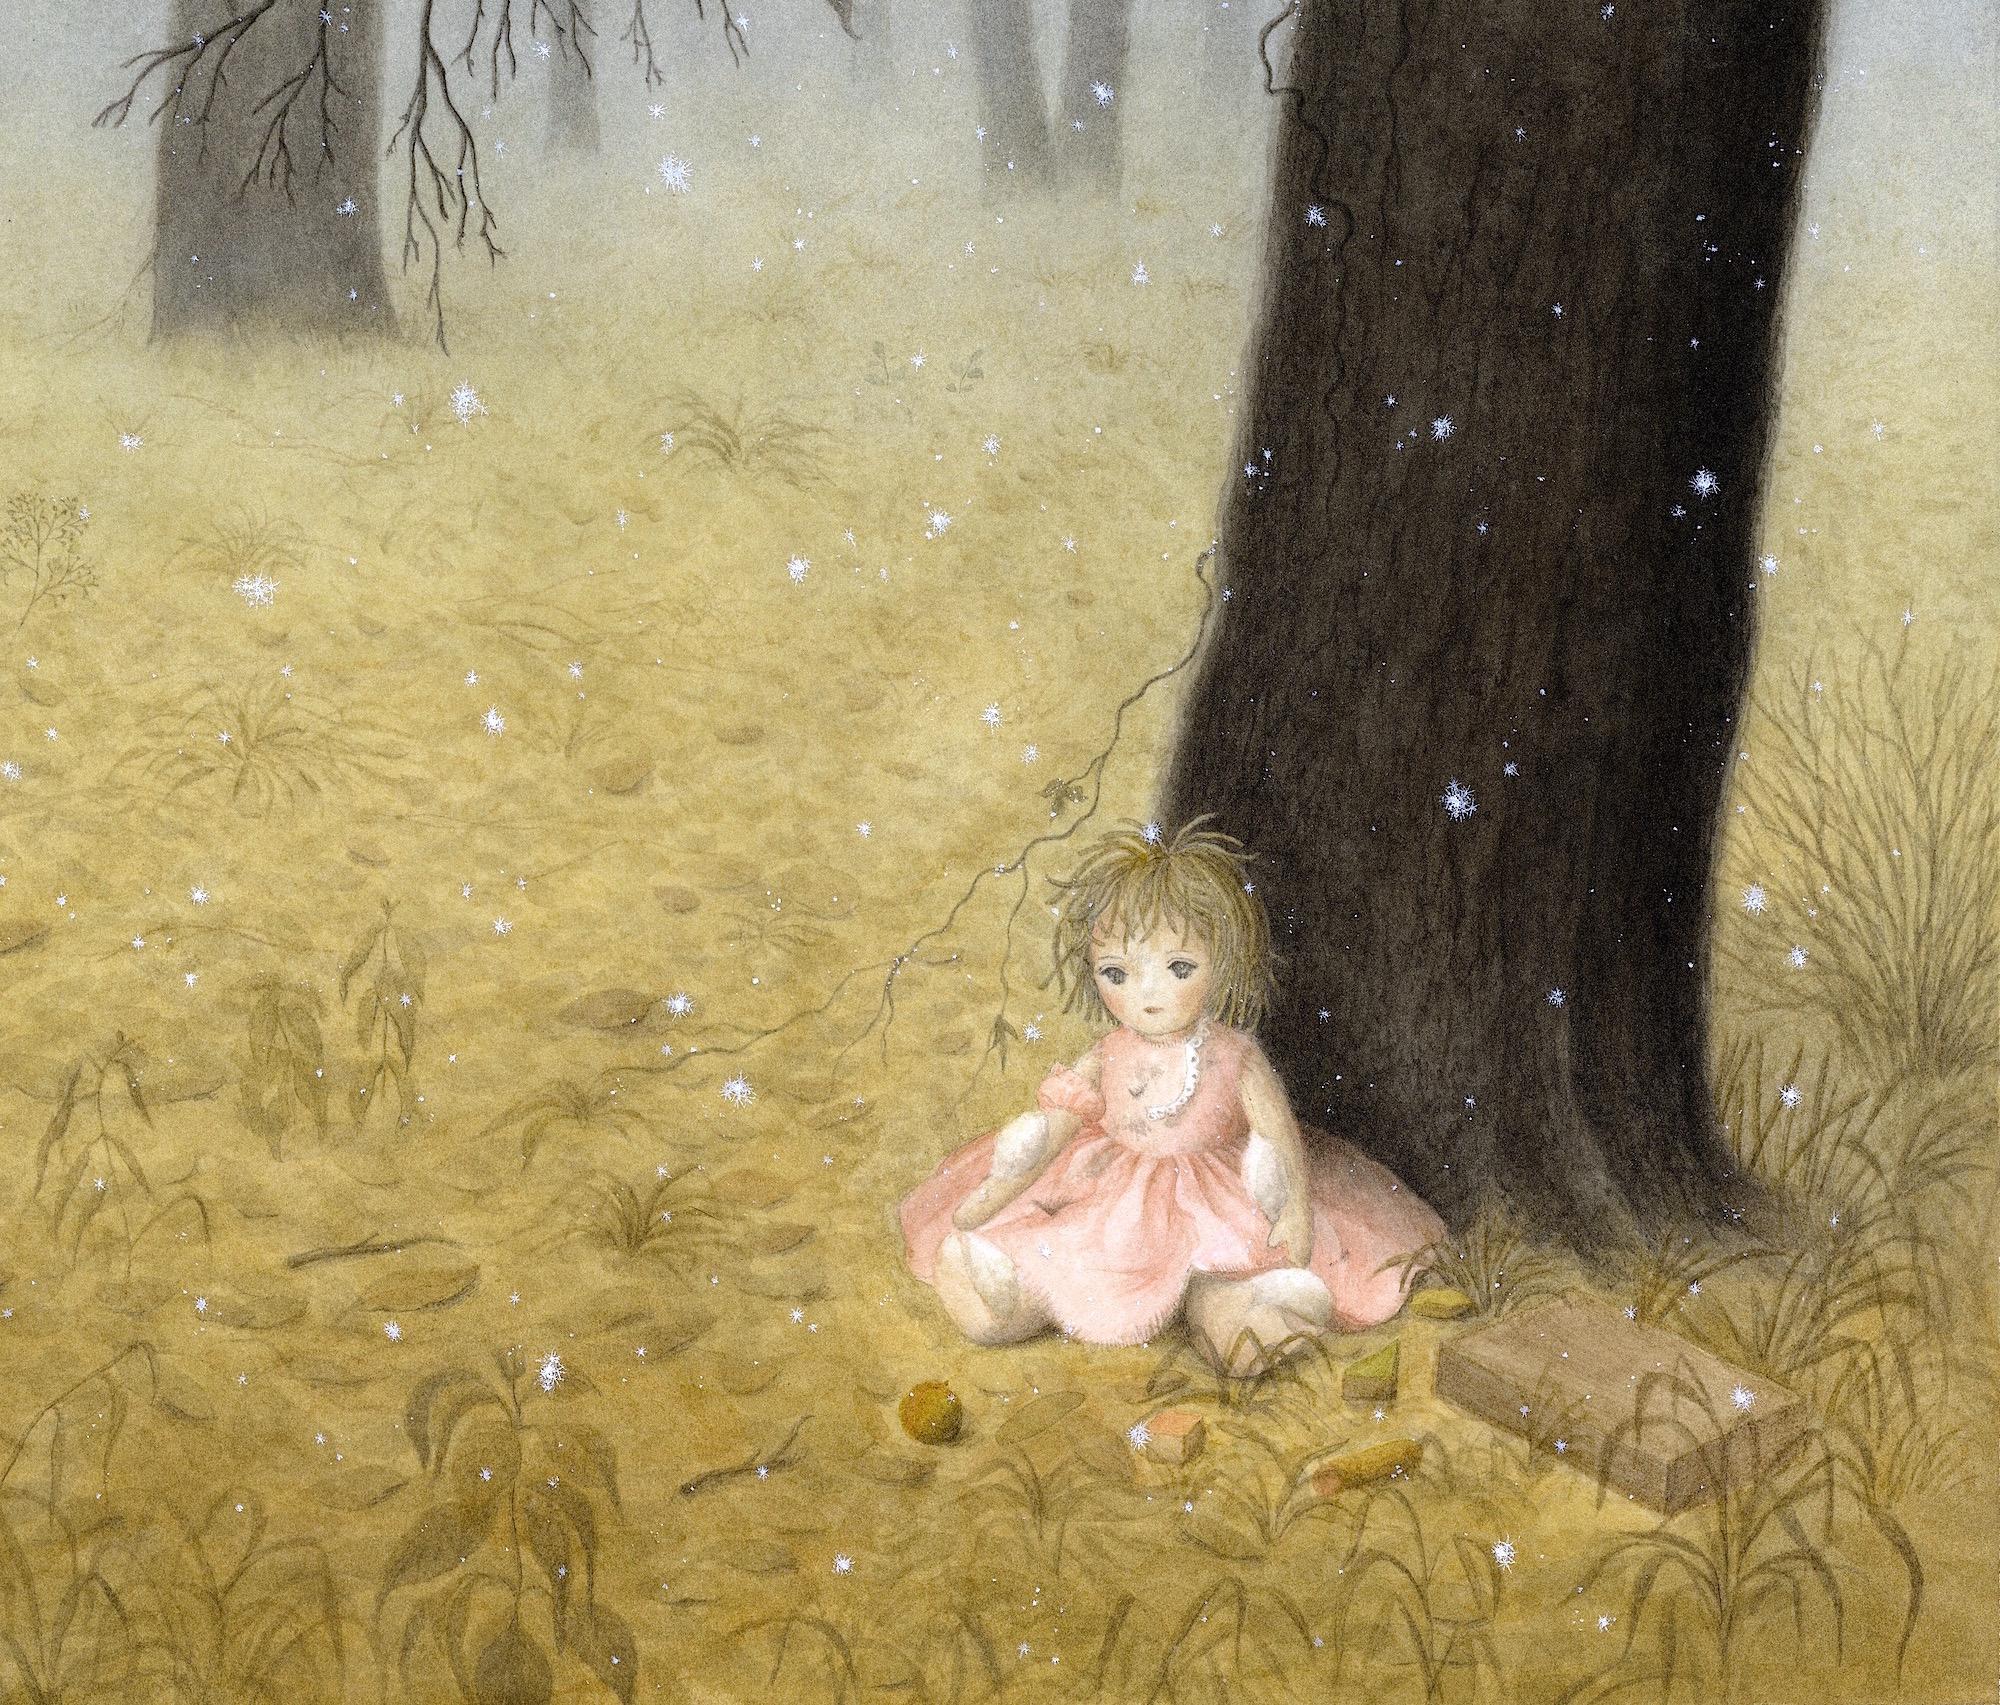 もりのにんぎょう doll in forest